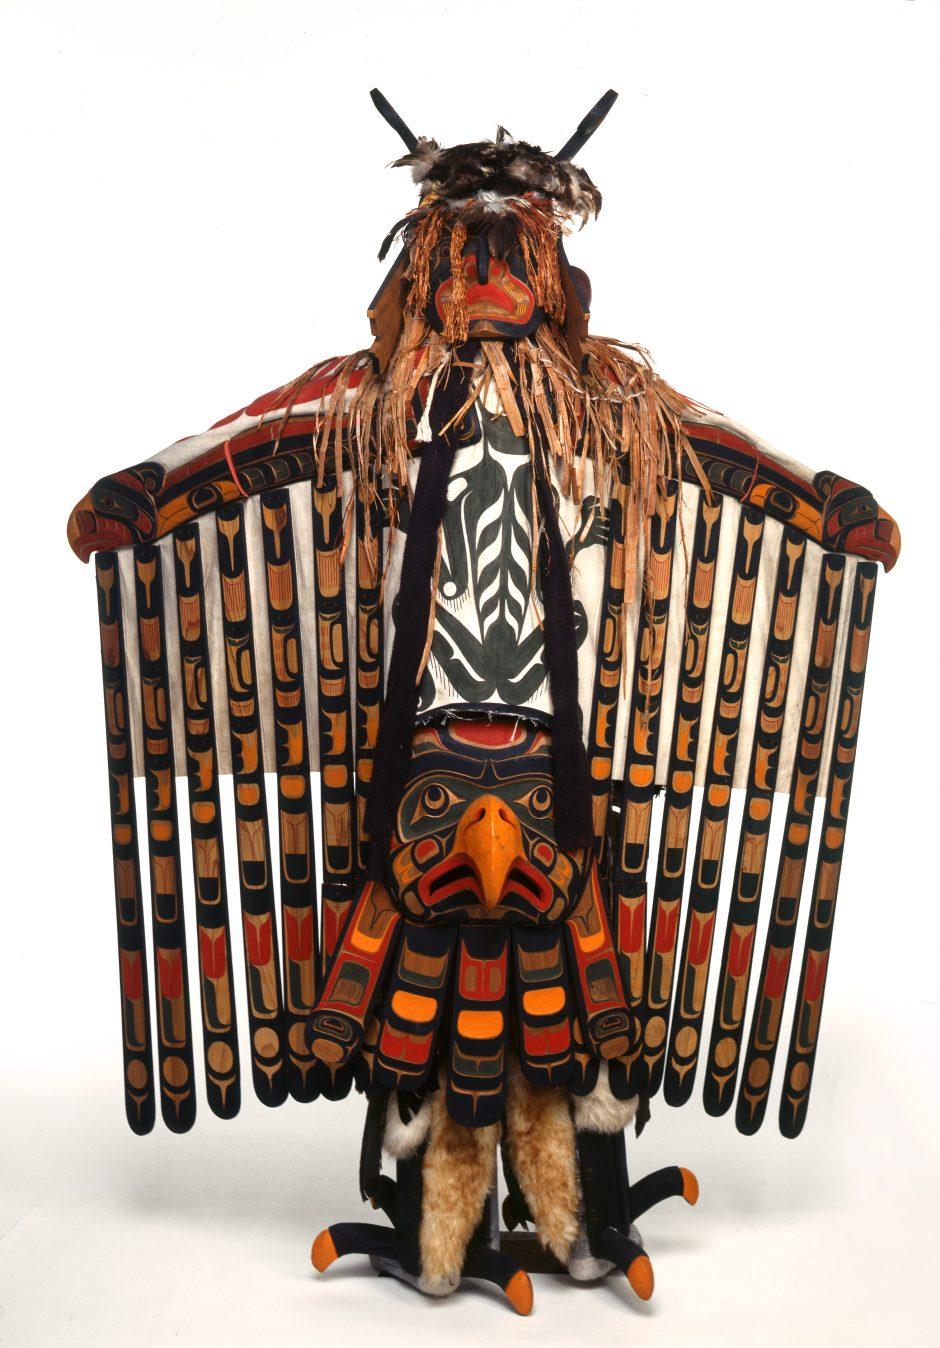 Maskenanzug in Gestalt eines Donnervogels, ausgreifende Arme, bunt